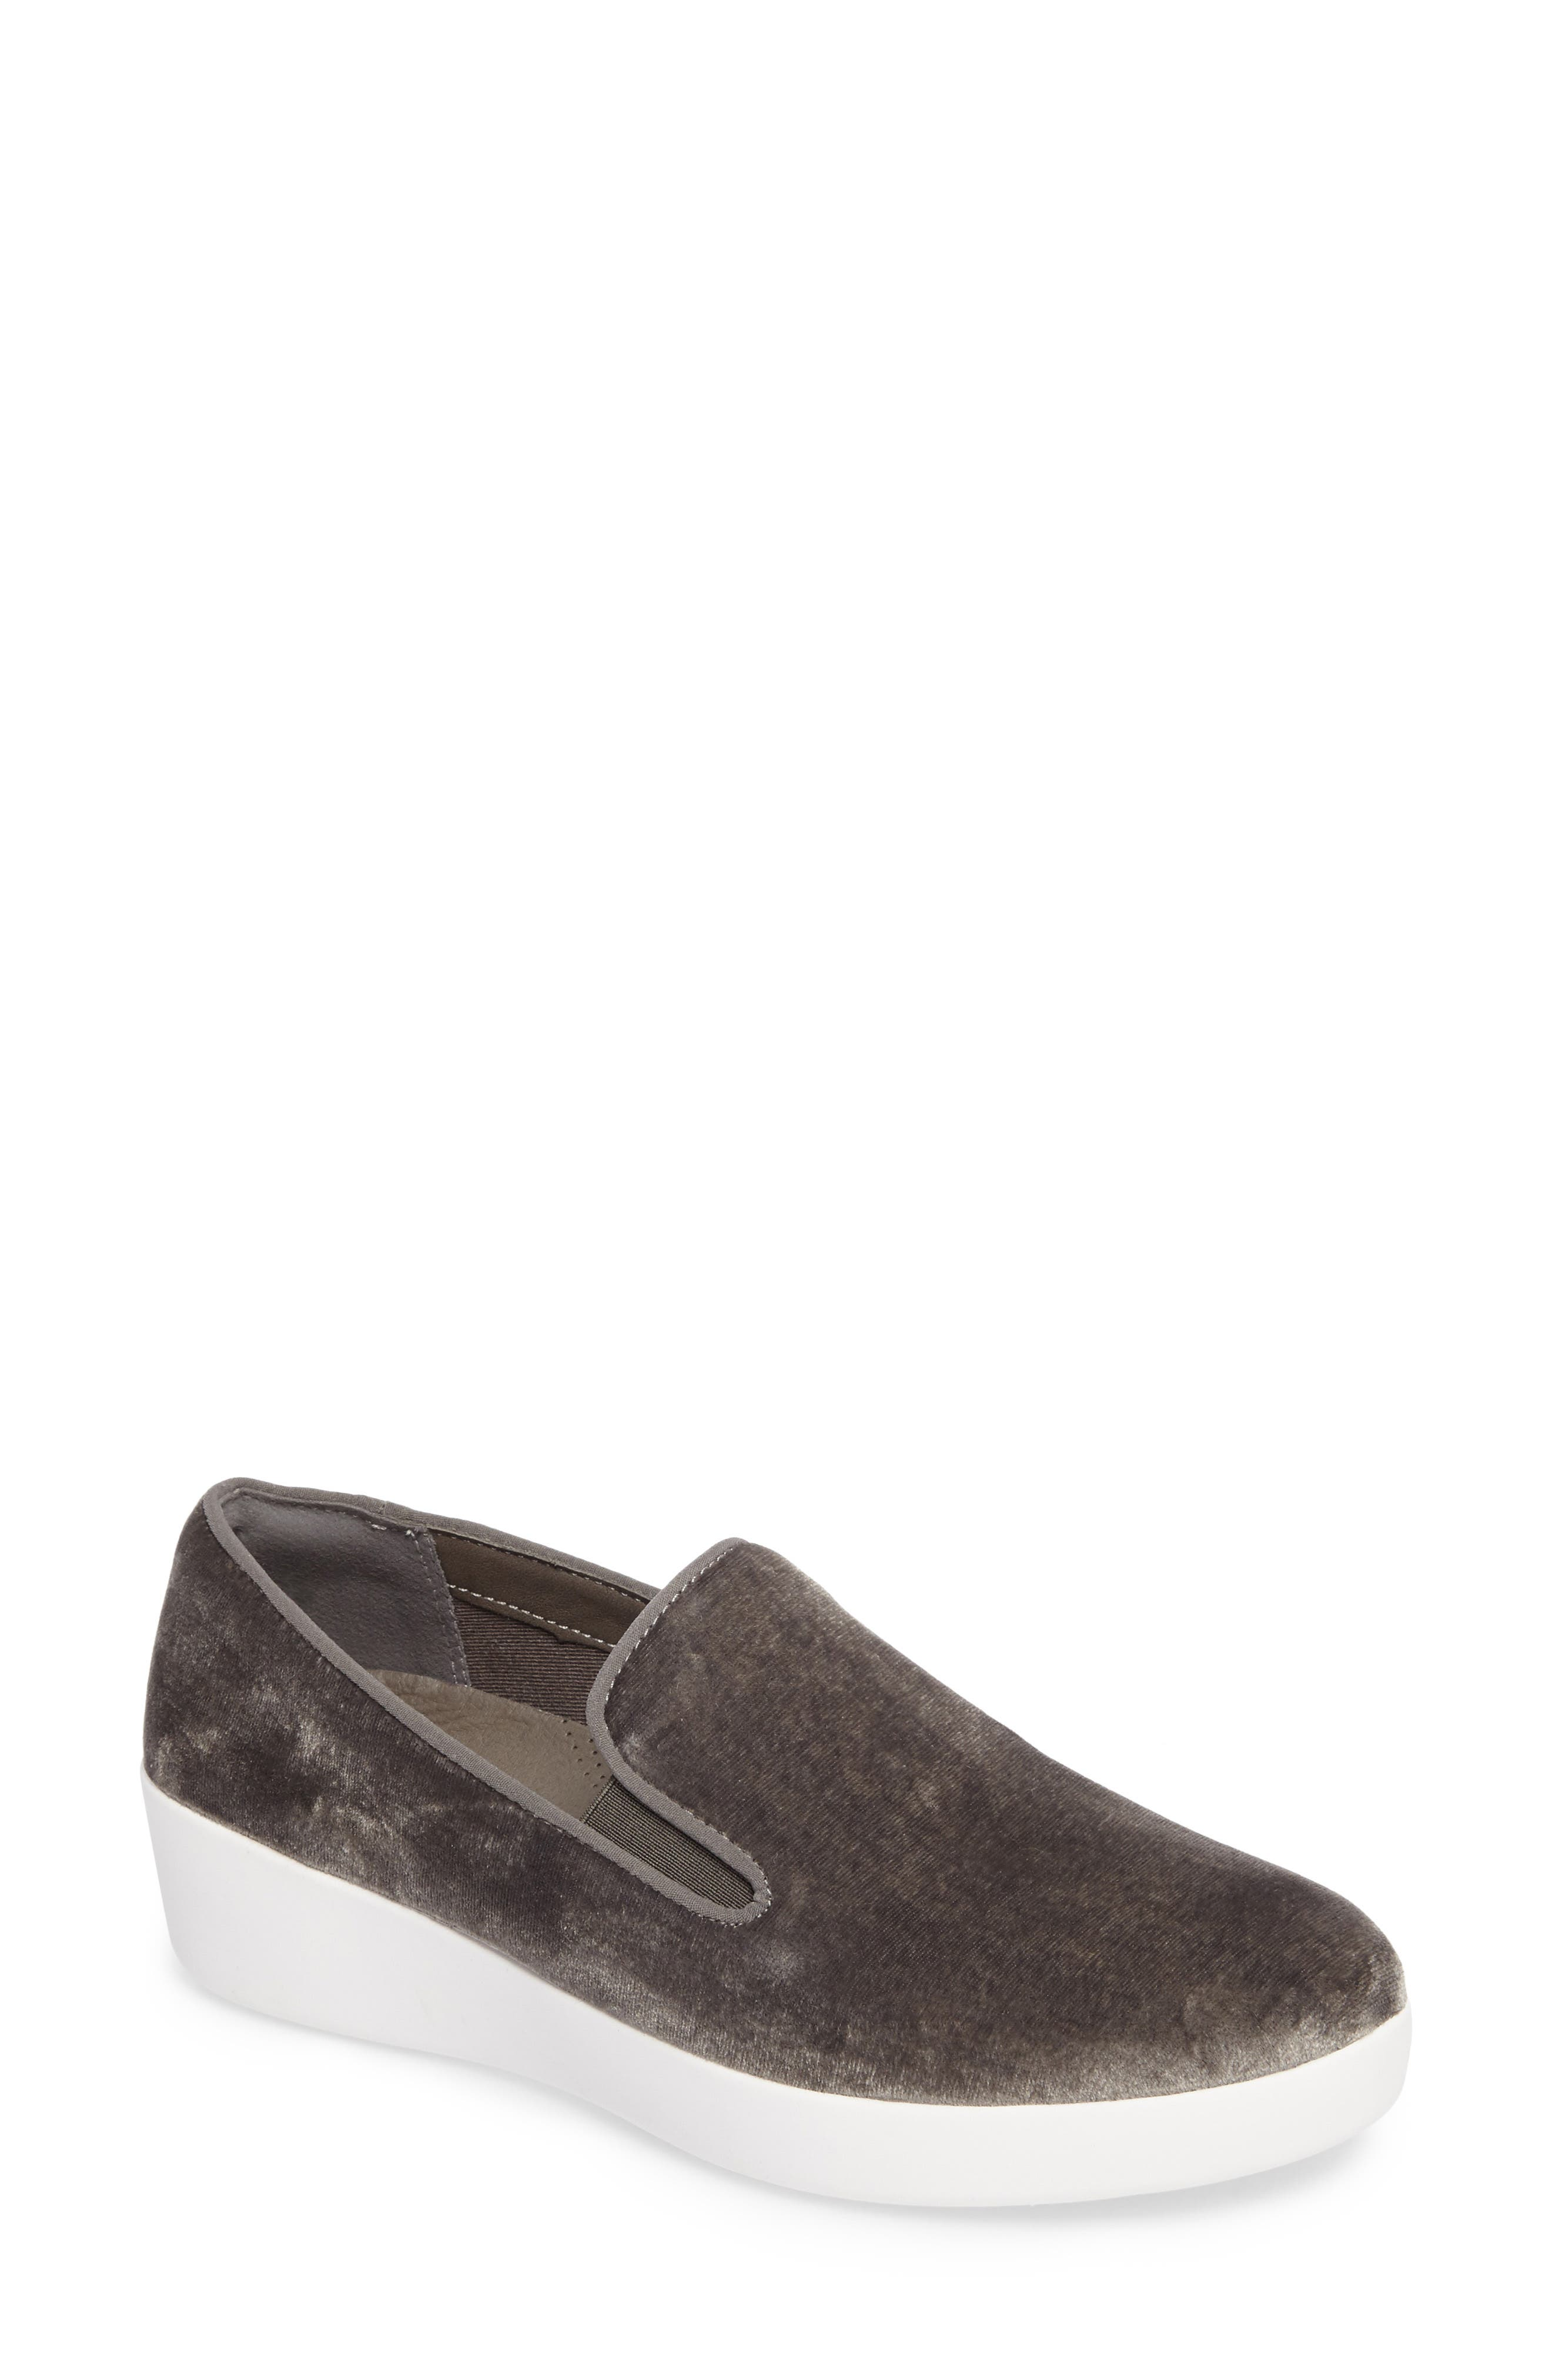 Superskate Slip-On Sneaker,                         Main,                         color, 040